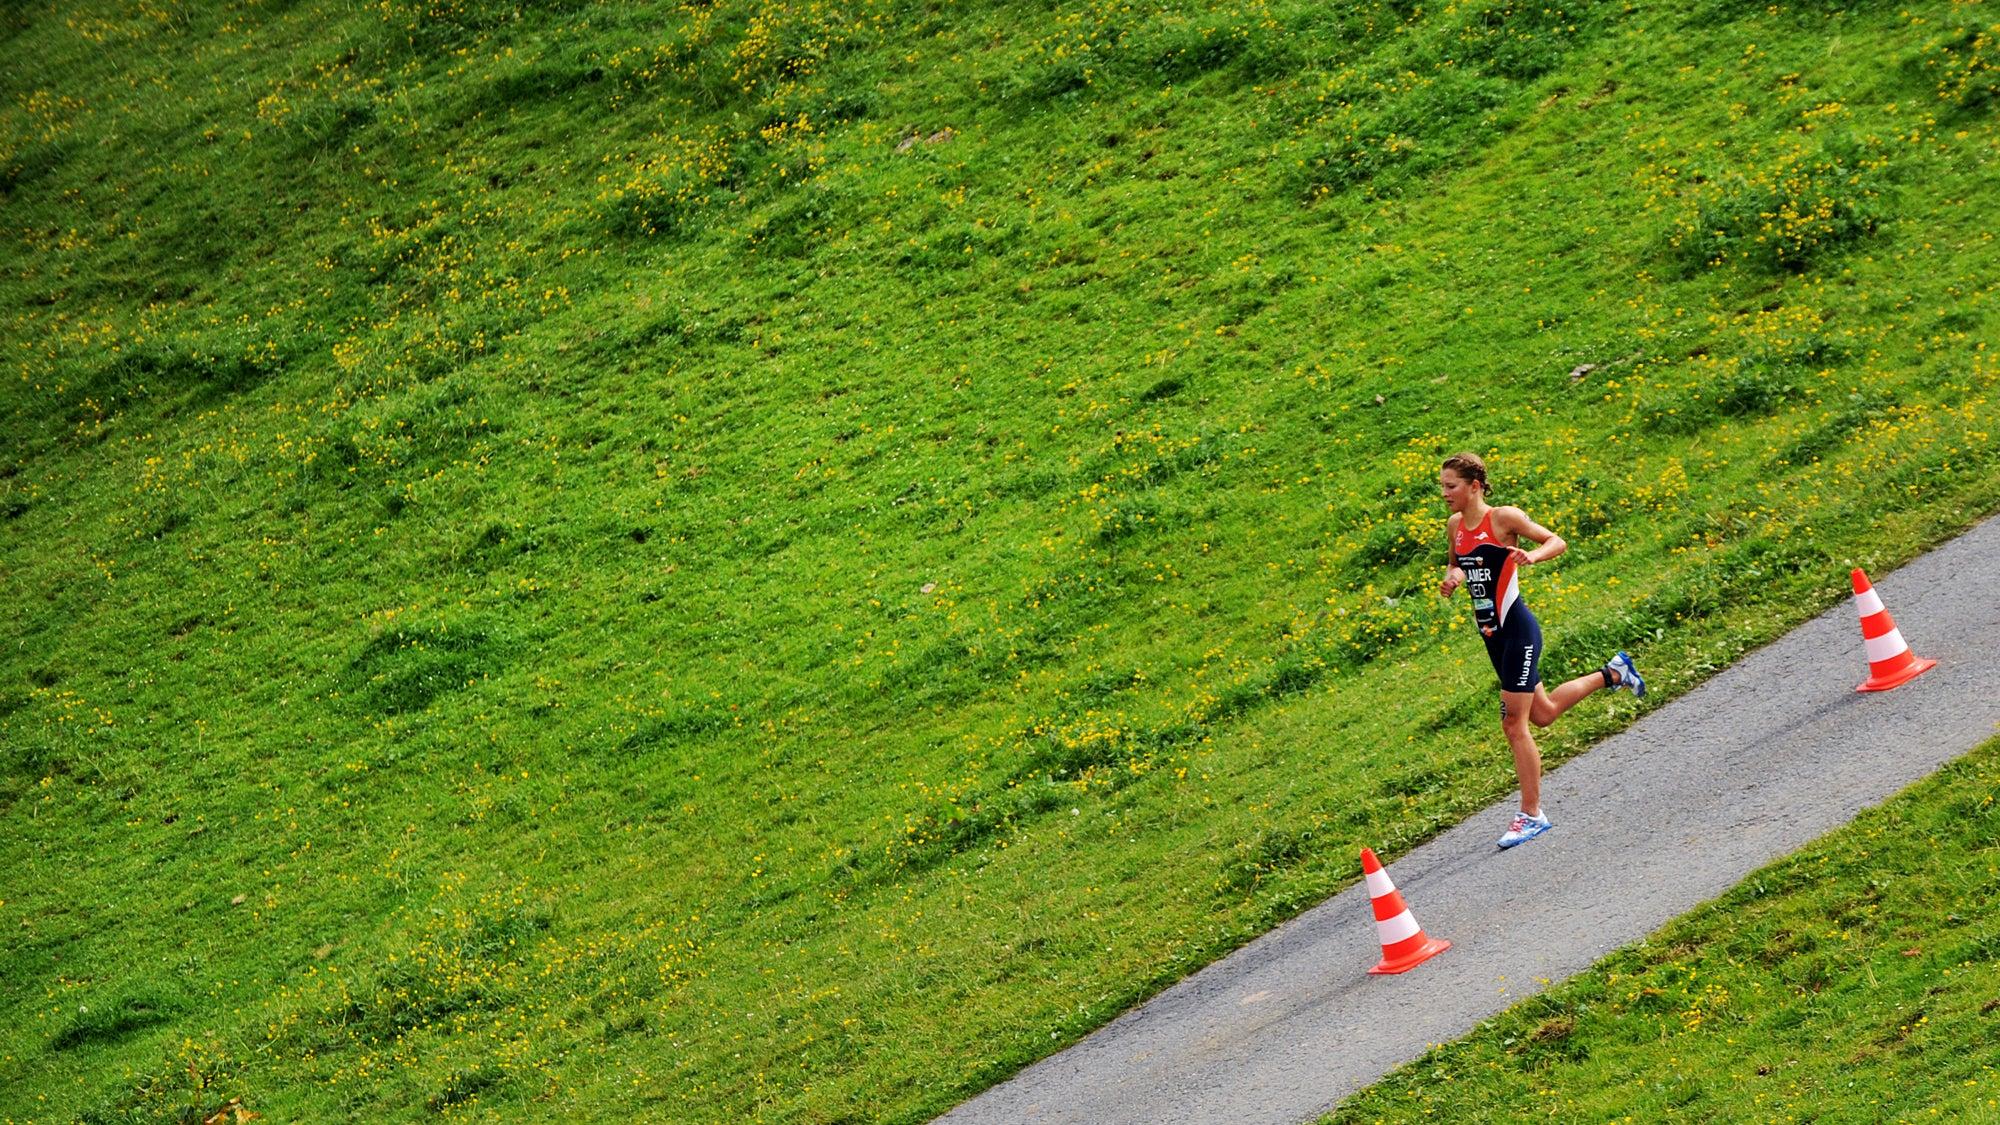 runningdownhill.jpg